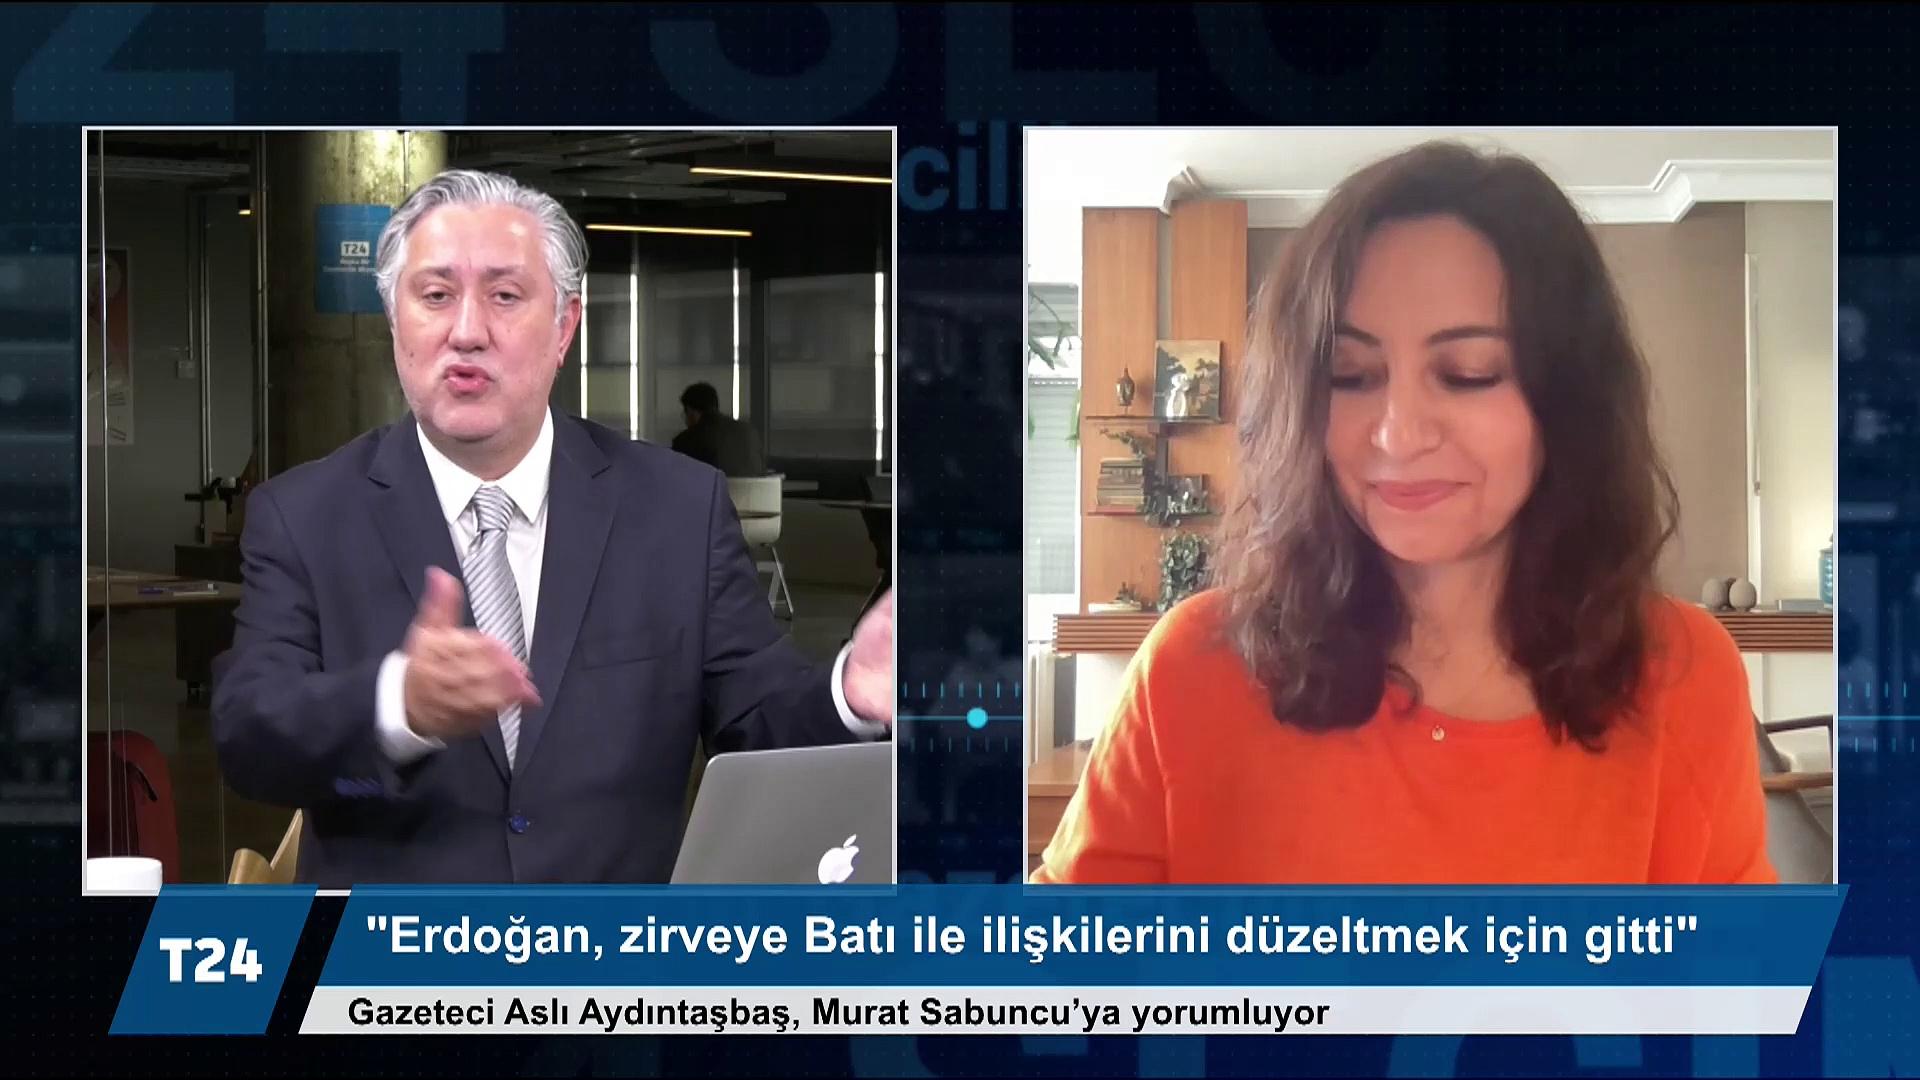 Aslı Aydıntaşbaş: Türkiye'nin rotayı Batı'ya kırmasını istemeyen unsurlar provokasyon yapabilir, HDP'ye kullanılan dil bunun için ortam hazırlıyor